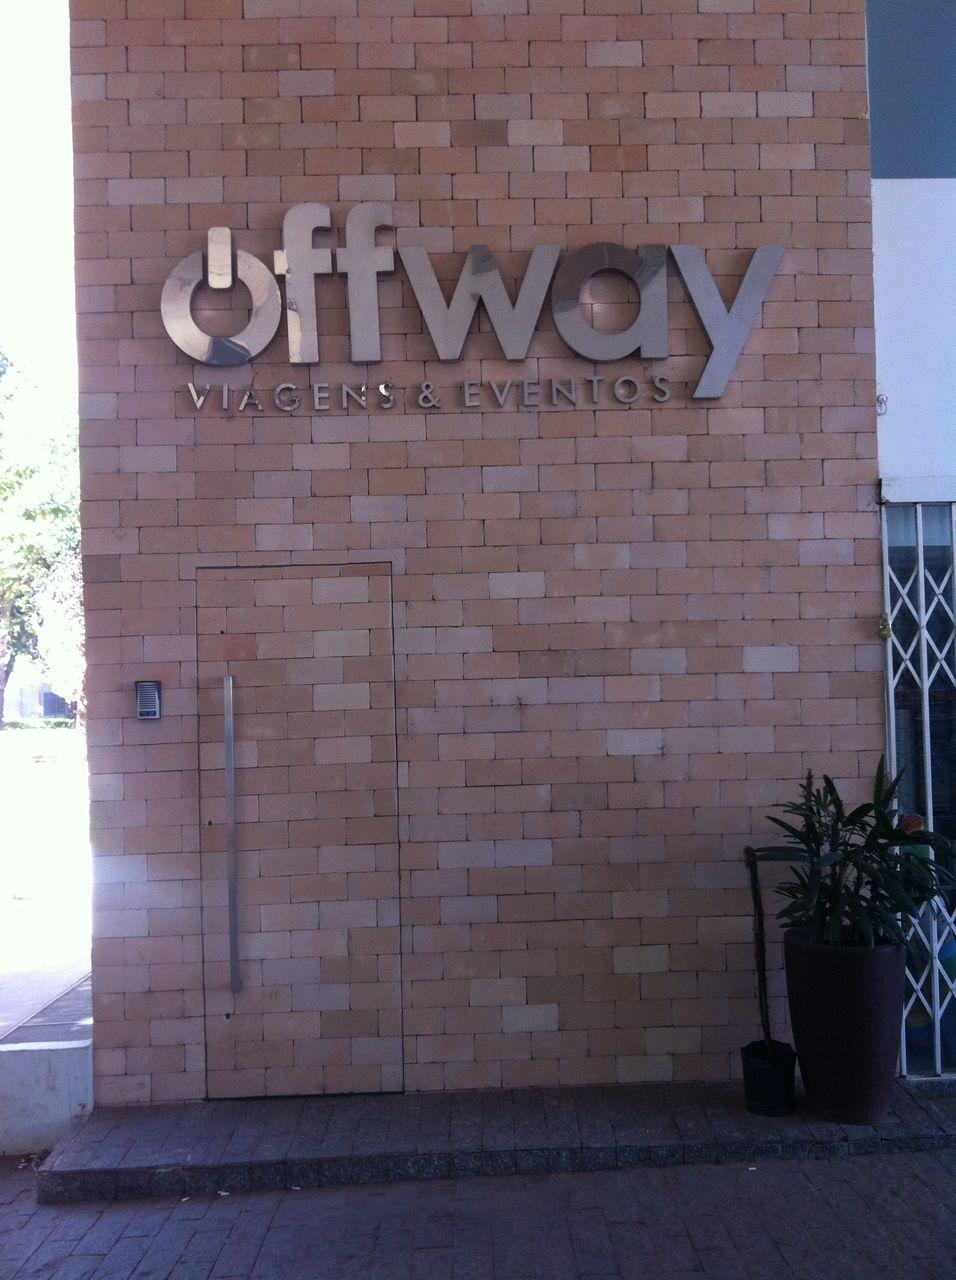 Off Way, Viagens e Eventos, Quadra 410 Sul, Bloco A, Asa Sul, Comércio Brasilia